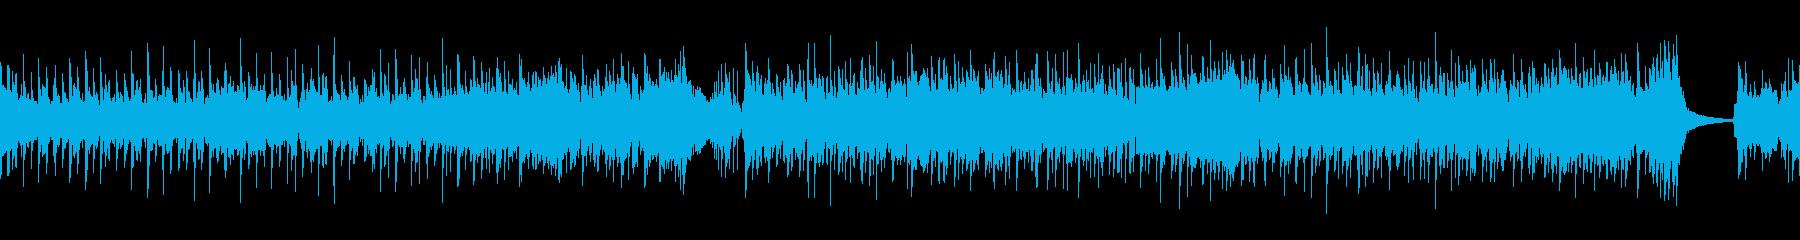 【メロなし・ループ】情熱的フラメンコの再生済みの波形